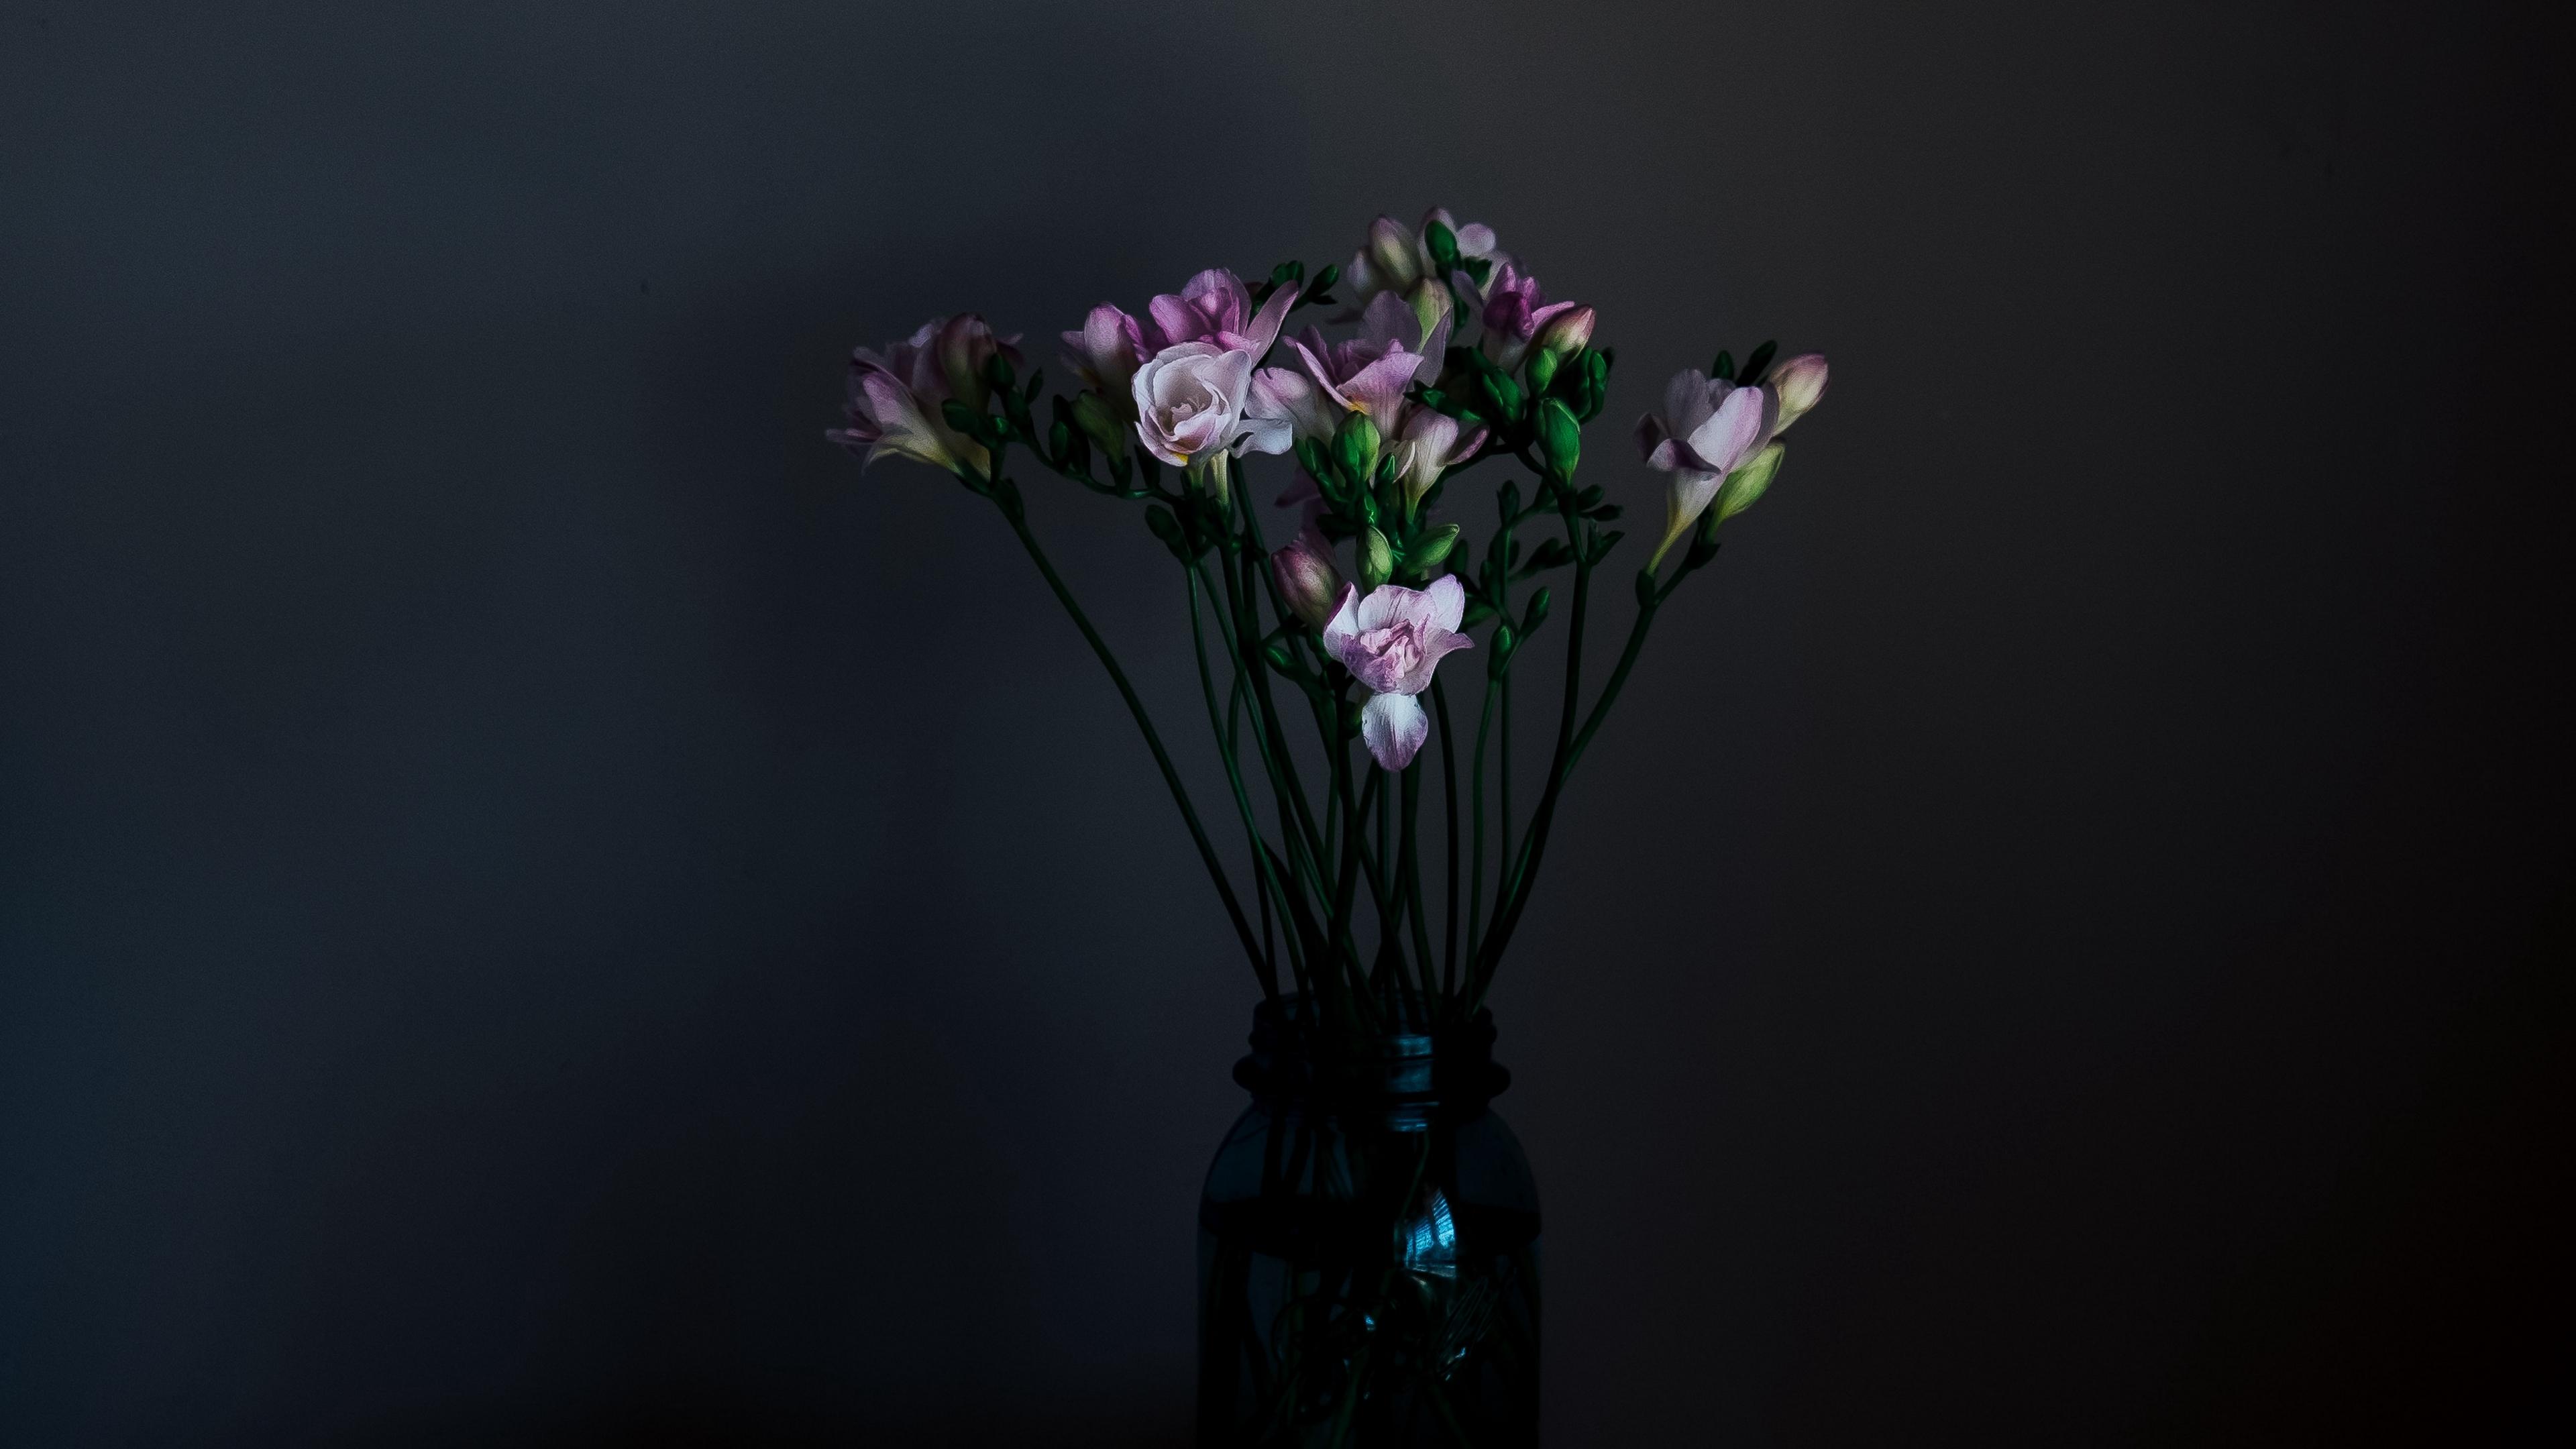 flowers vase dark bouquet 4k 1540575749 - flowers, vase, dark, bouquet 4k - Vase, Flowers, Dark